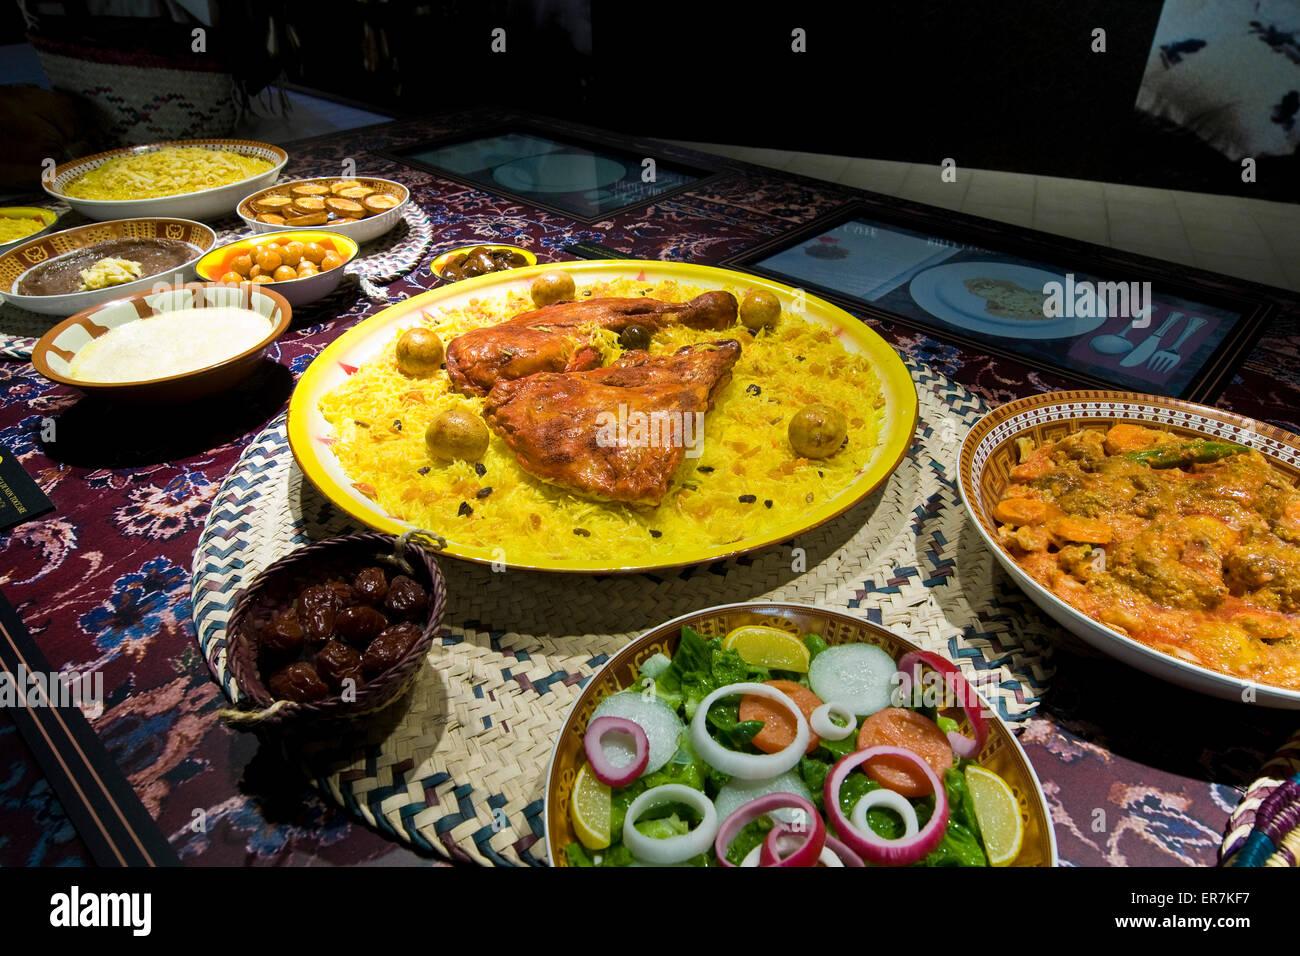 Tolle Küche Expo Ideen - Ideen Für Die Küche Dekoration - lazonga.info